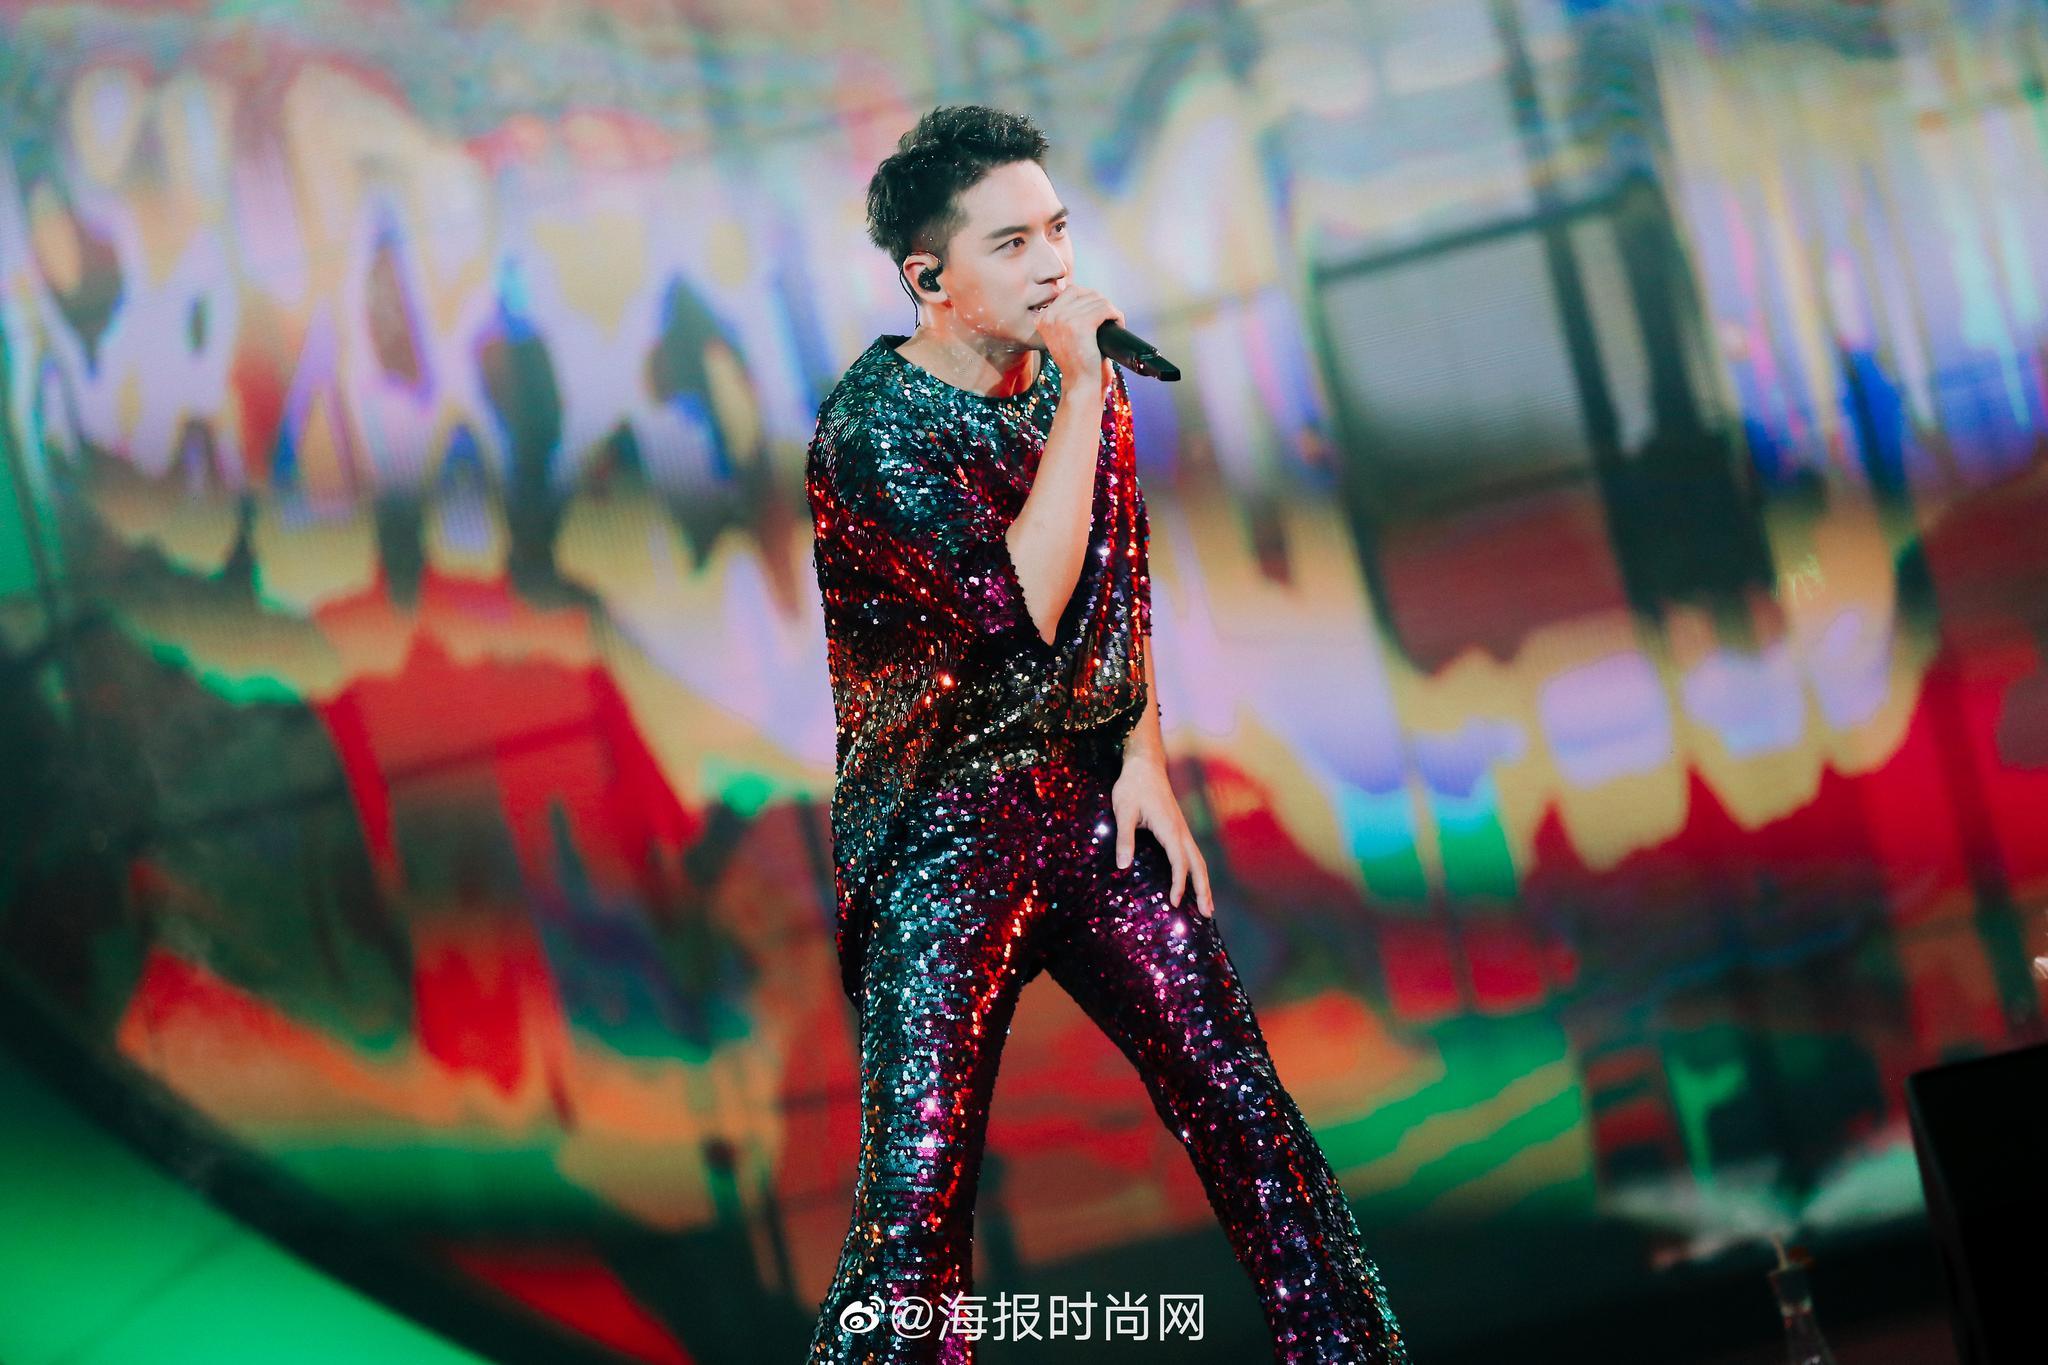 盘点来自@许魏洲ZZ 白色时区2019演唱会上的服装~全部来自专门定制的